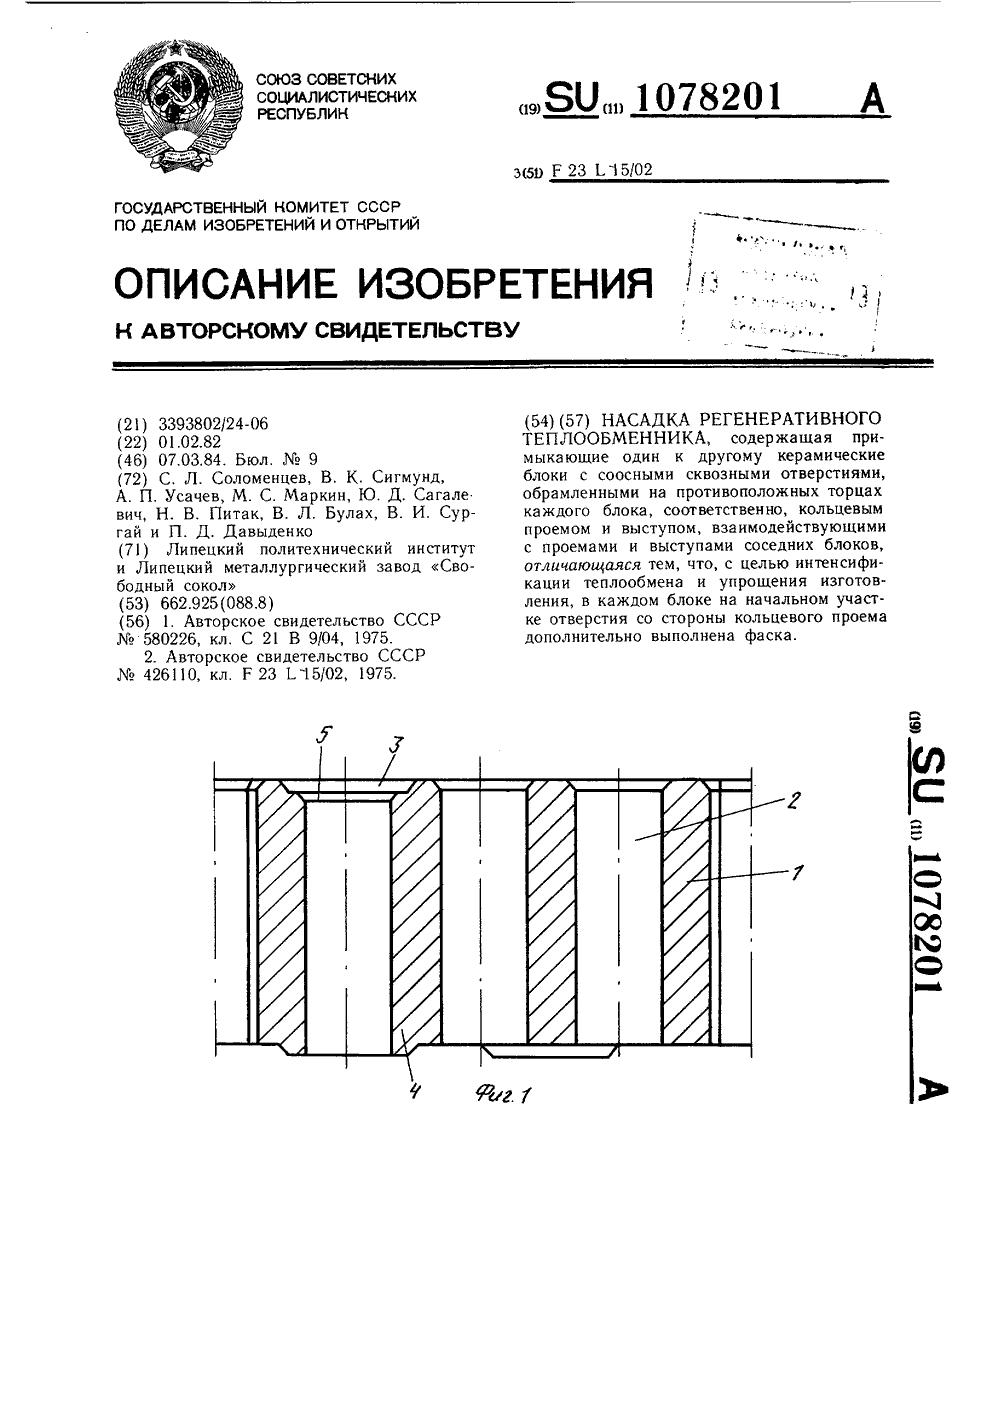 Насадка в регенеративных теплообменниках Теплообменник Ридан НН 86 Ду 150 Сыктывкар